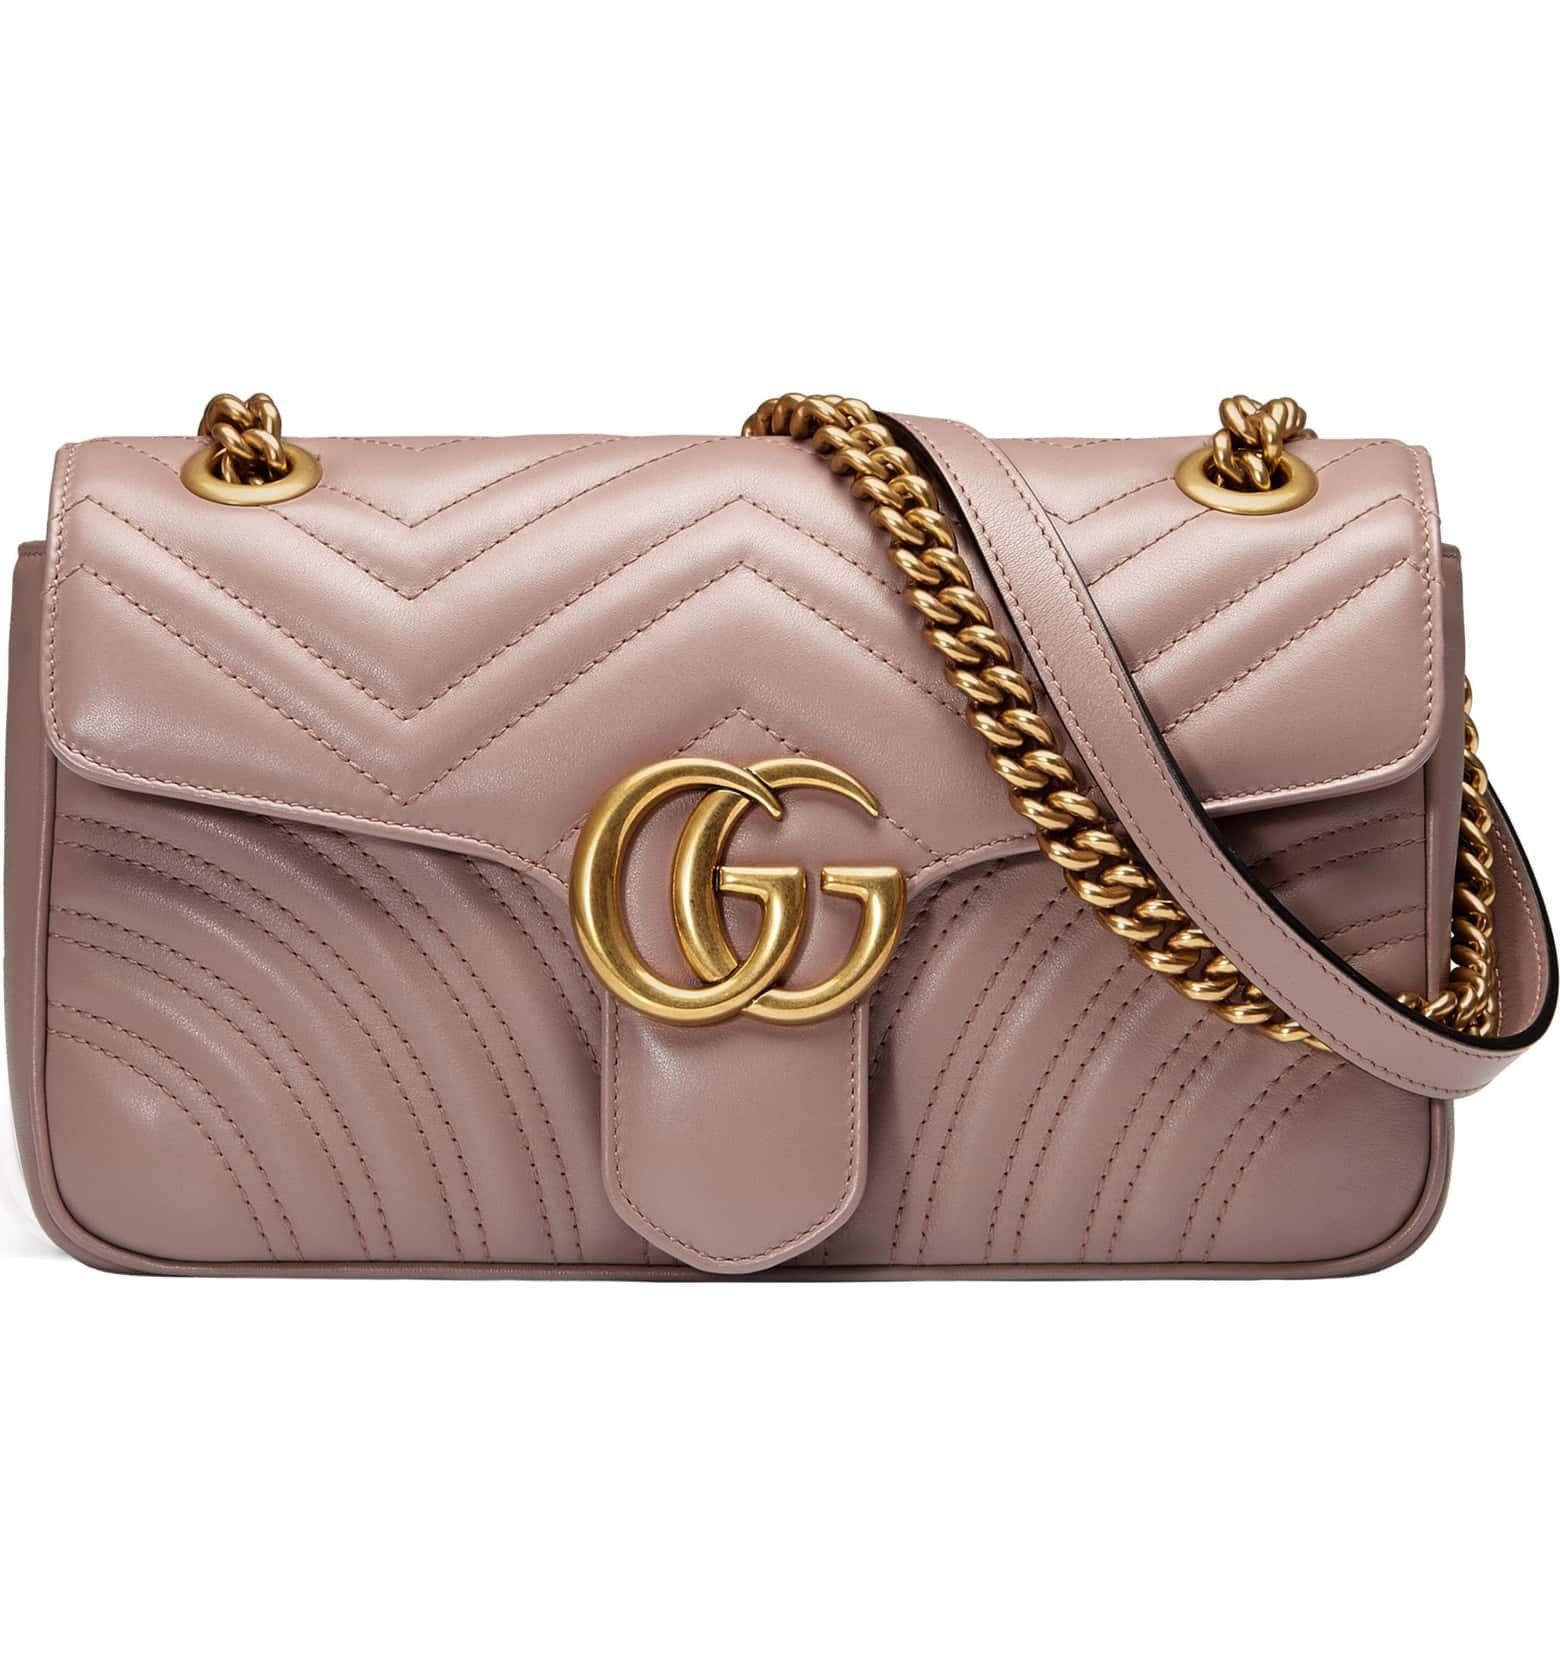 15657ca2e529 Small GG Marmont 2.0 Matelassé Leather Shoulder Bag, Main, color, PORCELAIN  ROSE/ PORCELAIN ROSE